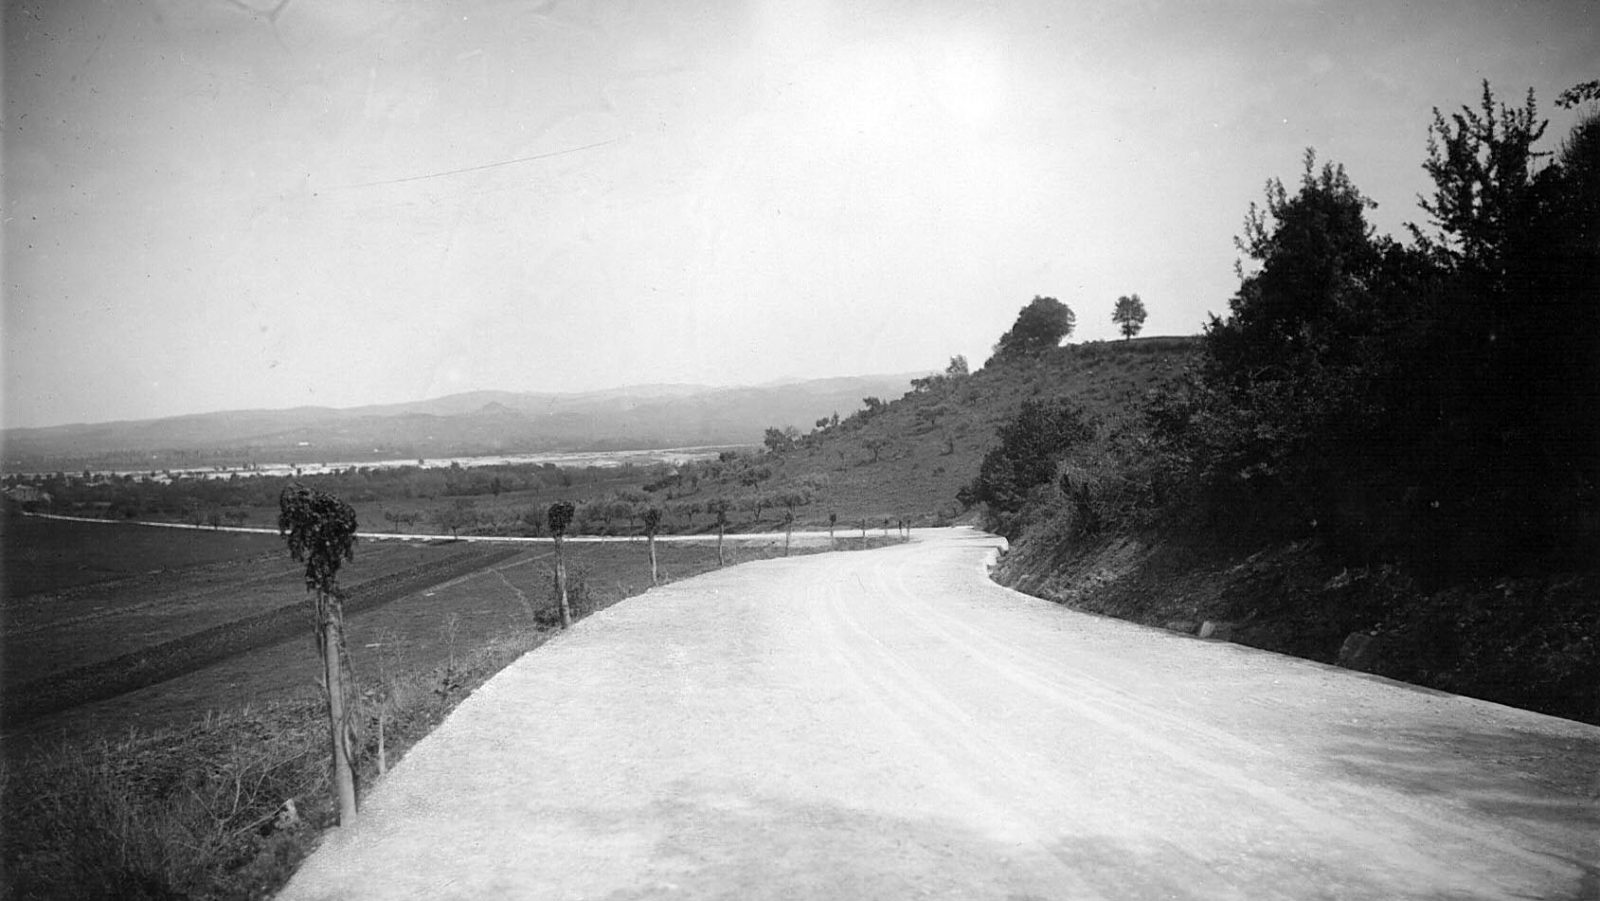 Calabria, tratto stradale in provincia di Cosenza, bivio per Montalto Uffugo (Archivio storico Anas)